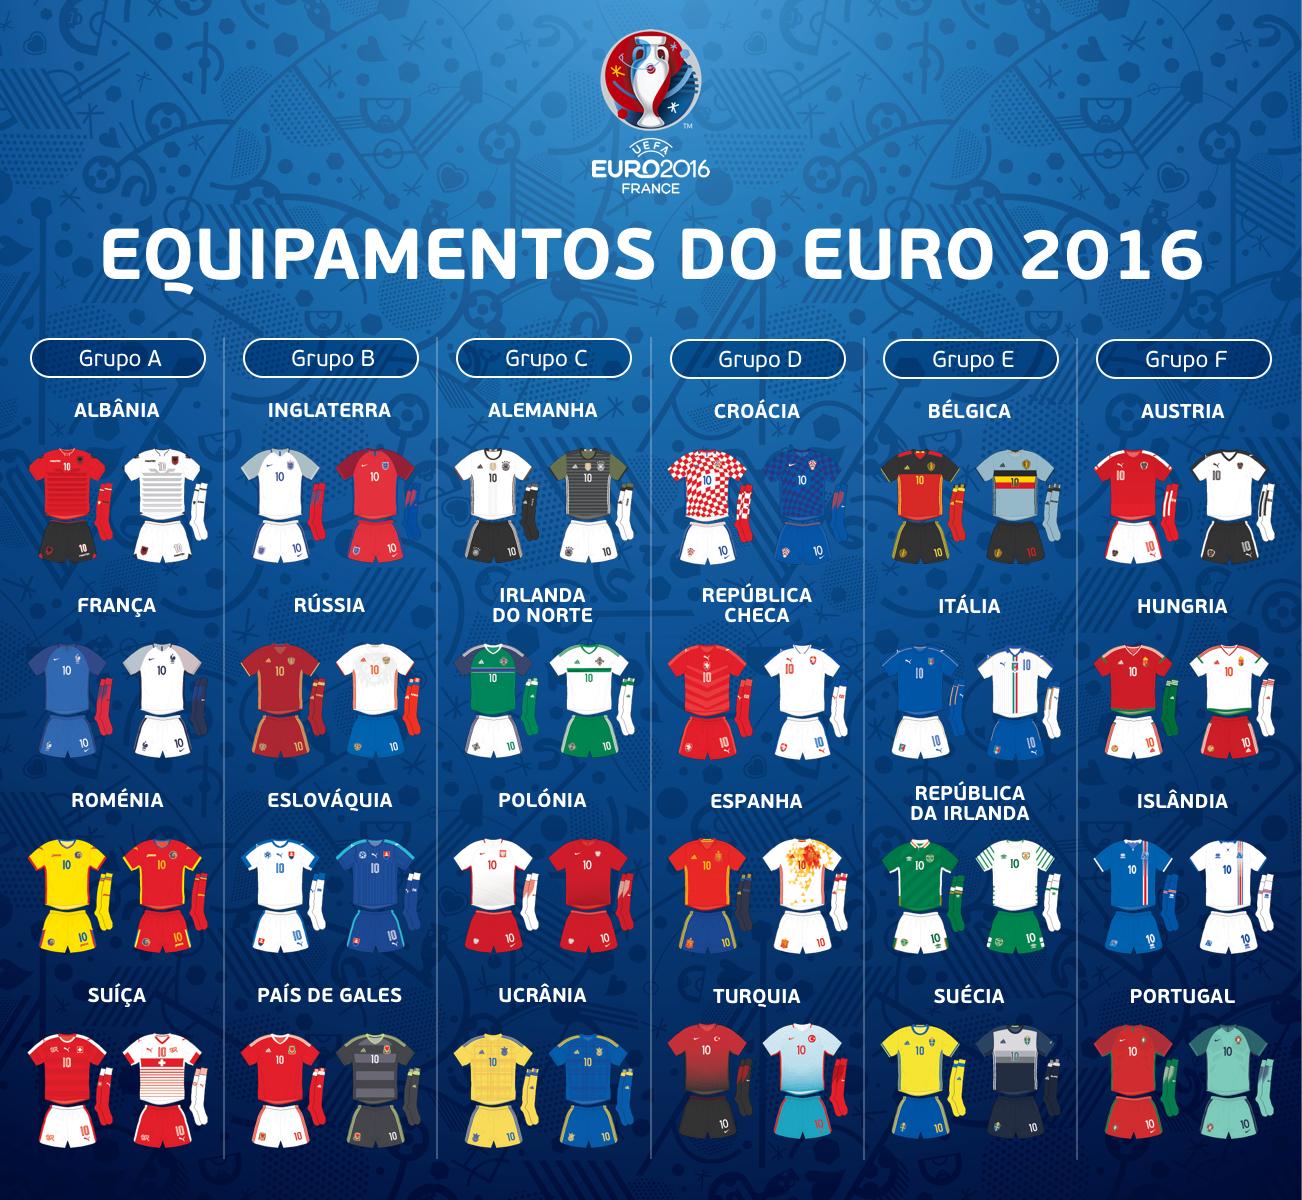 0132ed0792 Camisas de todas as seleções da Euro 2016 - Show de Camisas